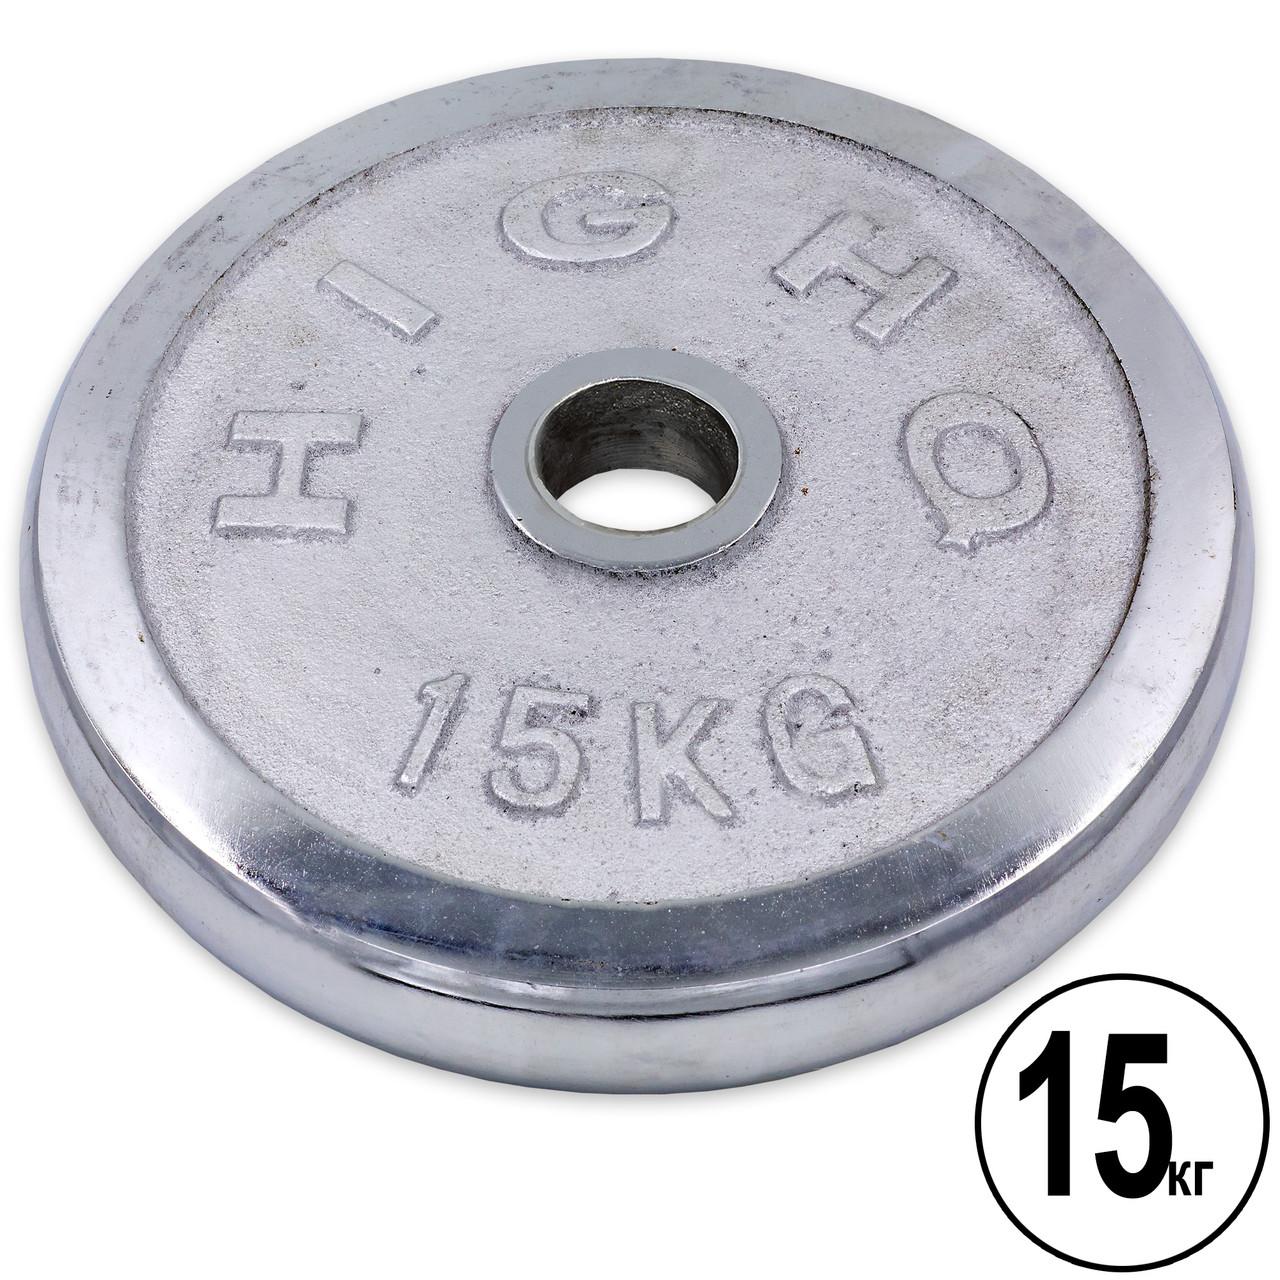 Млинці 52мм 15кг (диски) хромовані HIGHQ SPORT